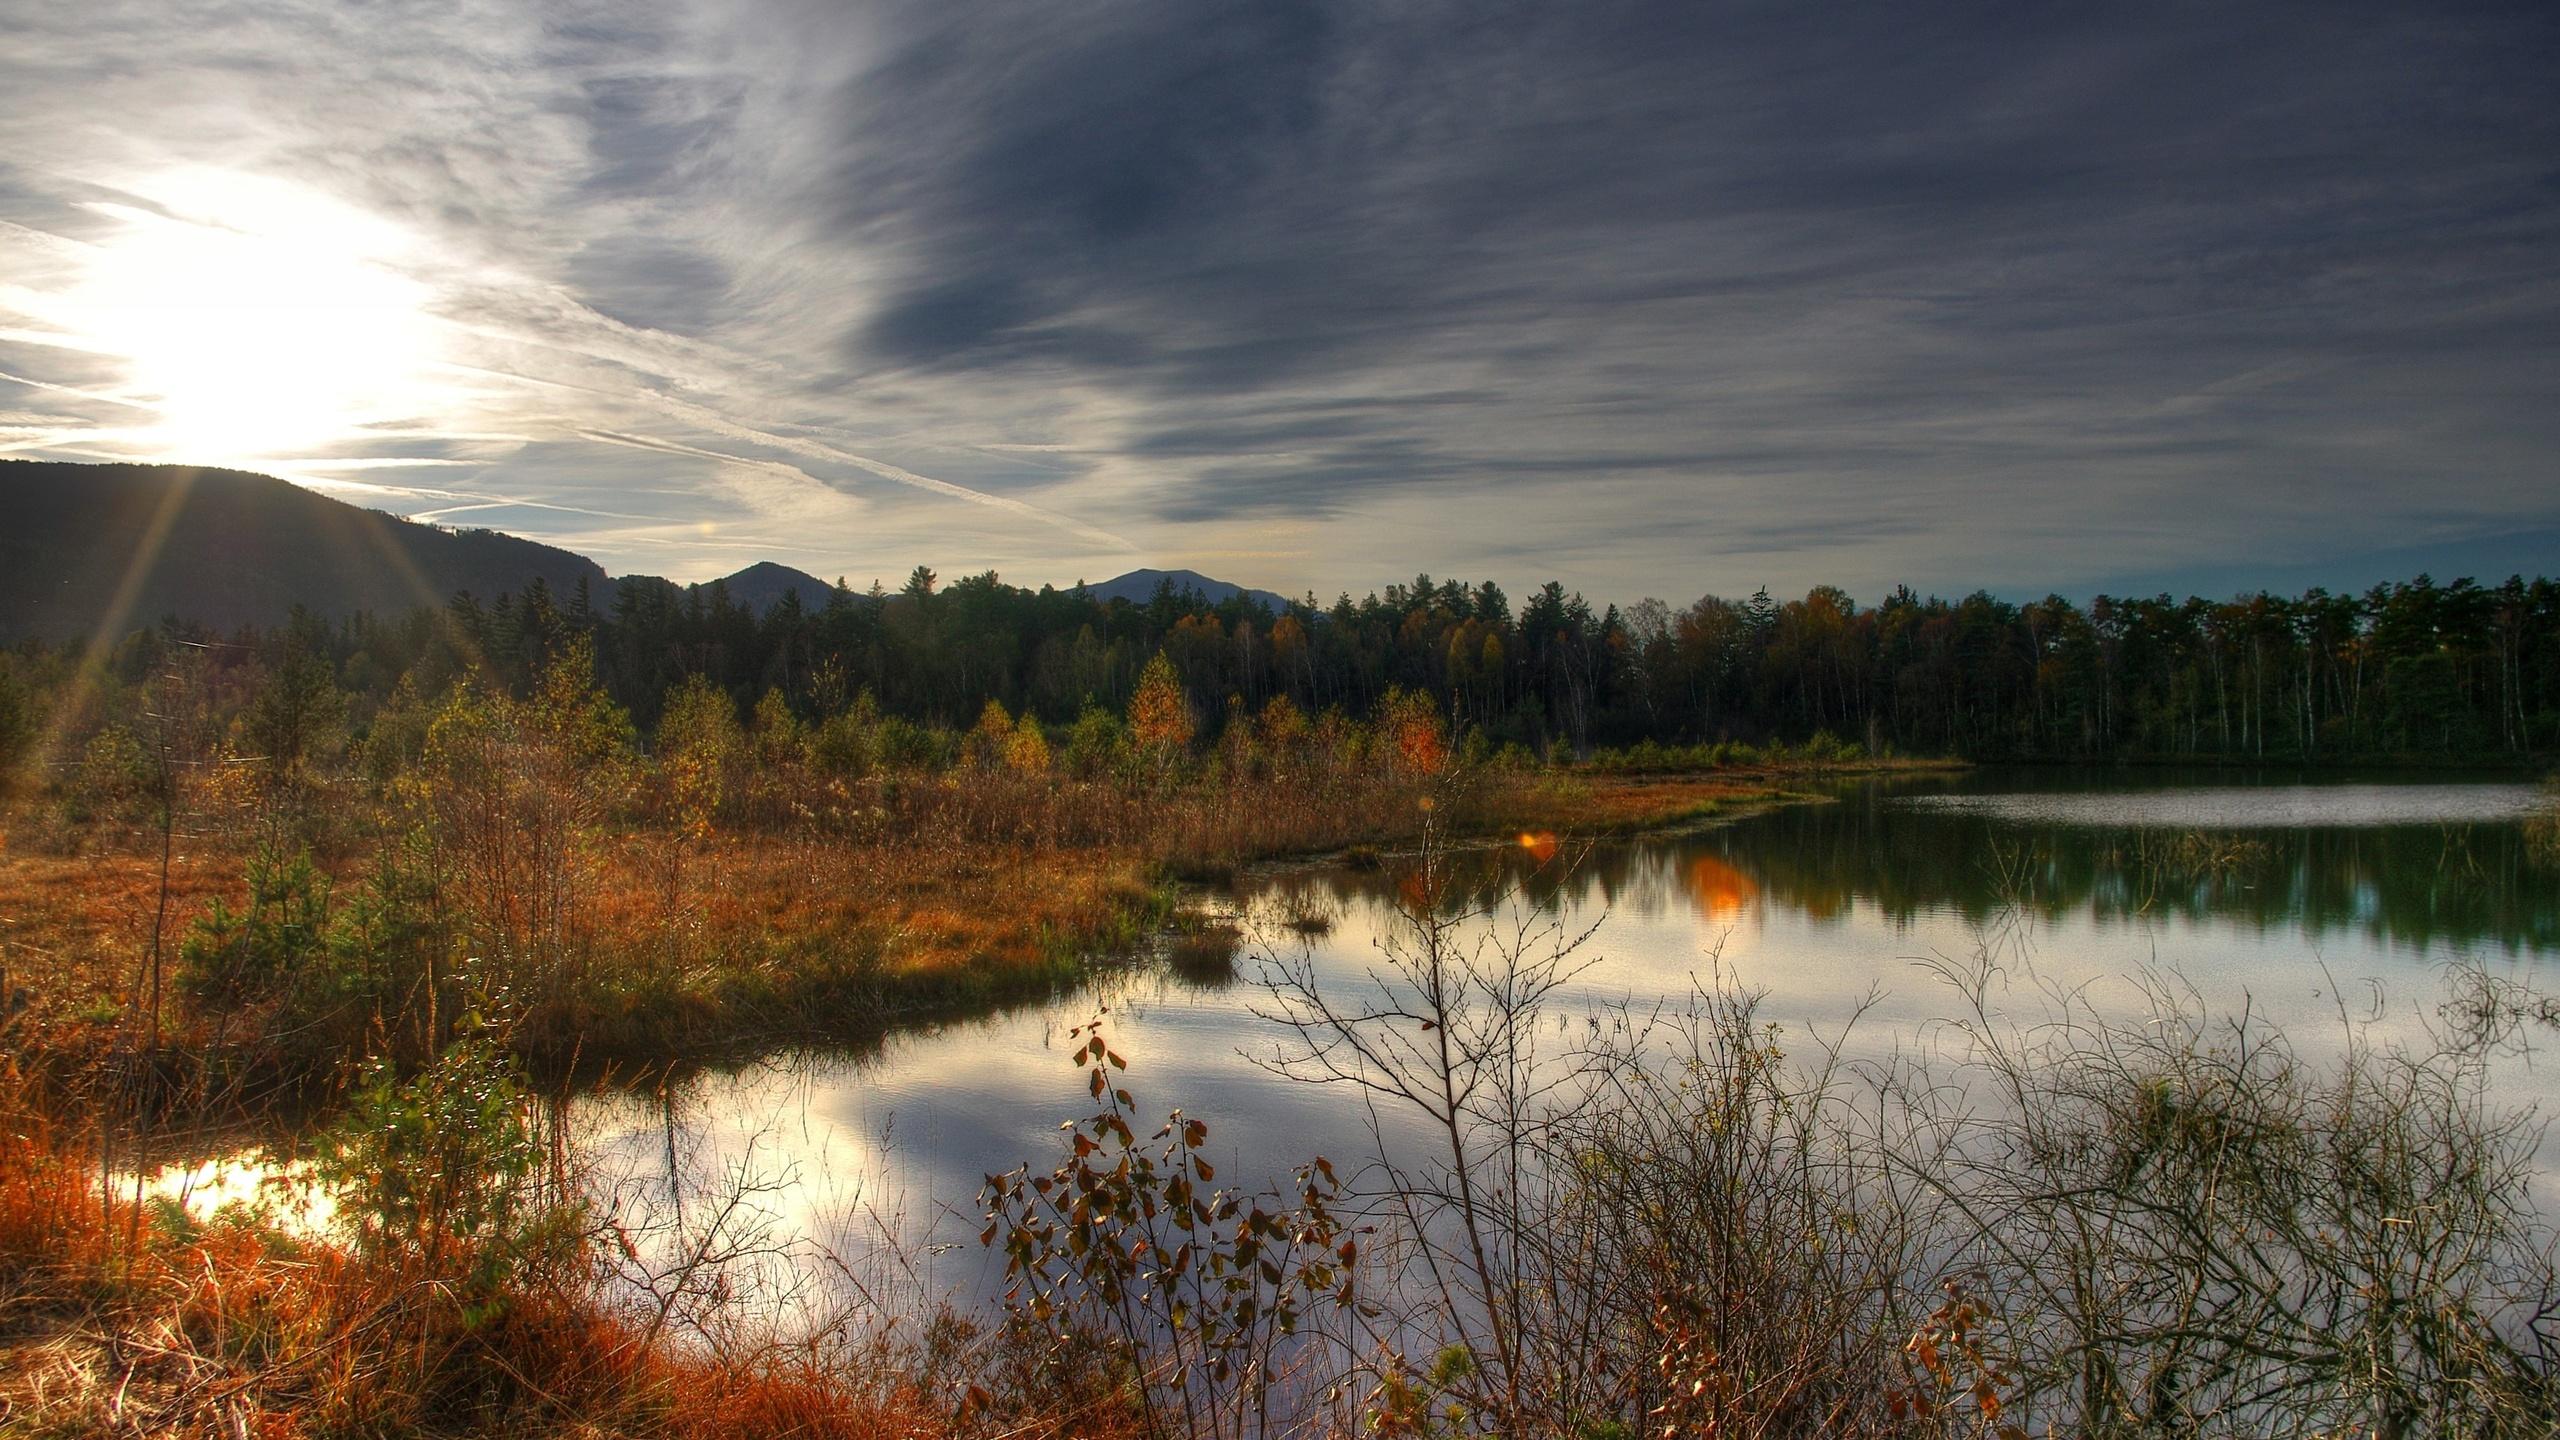 осень, озеро, деревья, трава, закат